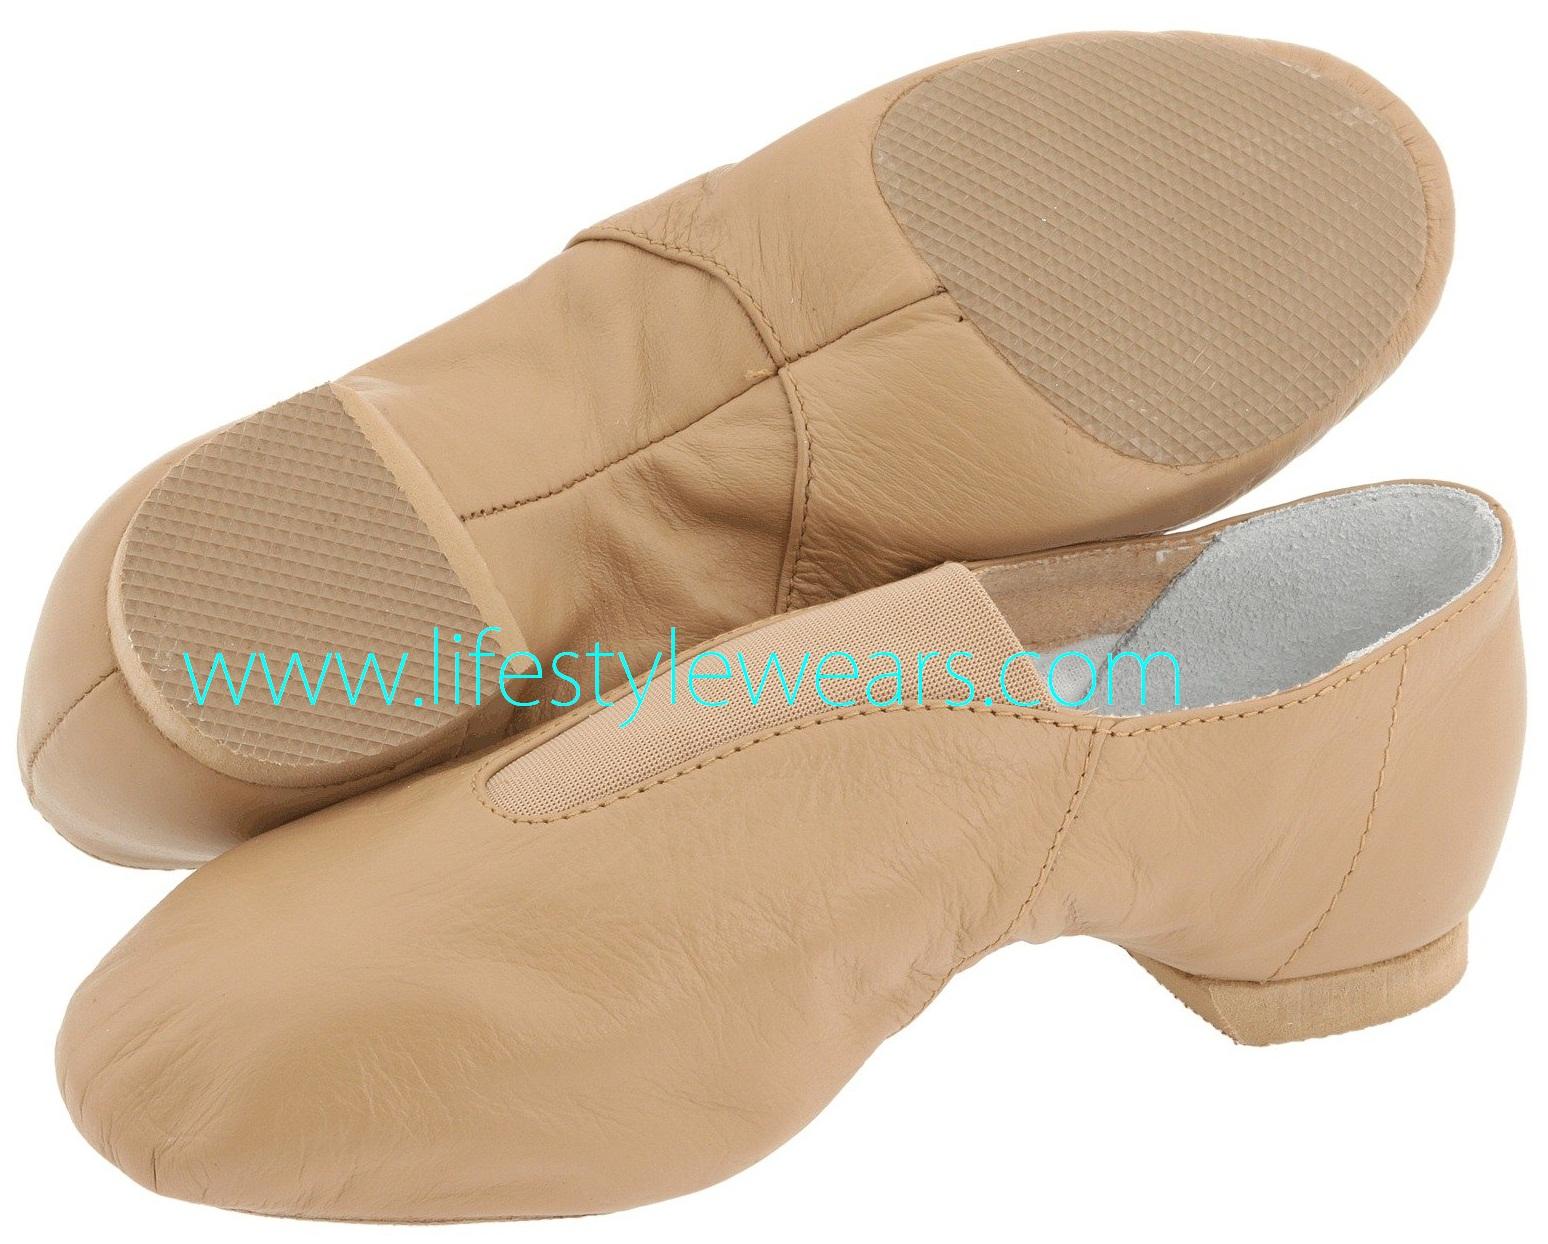 dance shoes half sole dance shoes cheap dance shoes suede sole dance shoes leather sole dance shoes women break dance shoes half